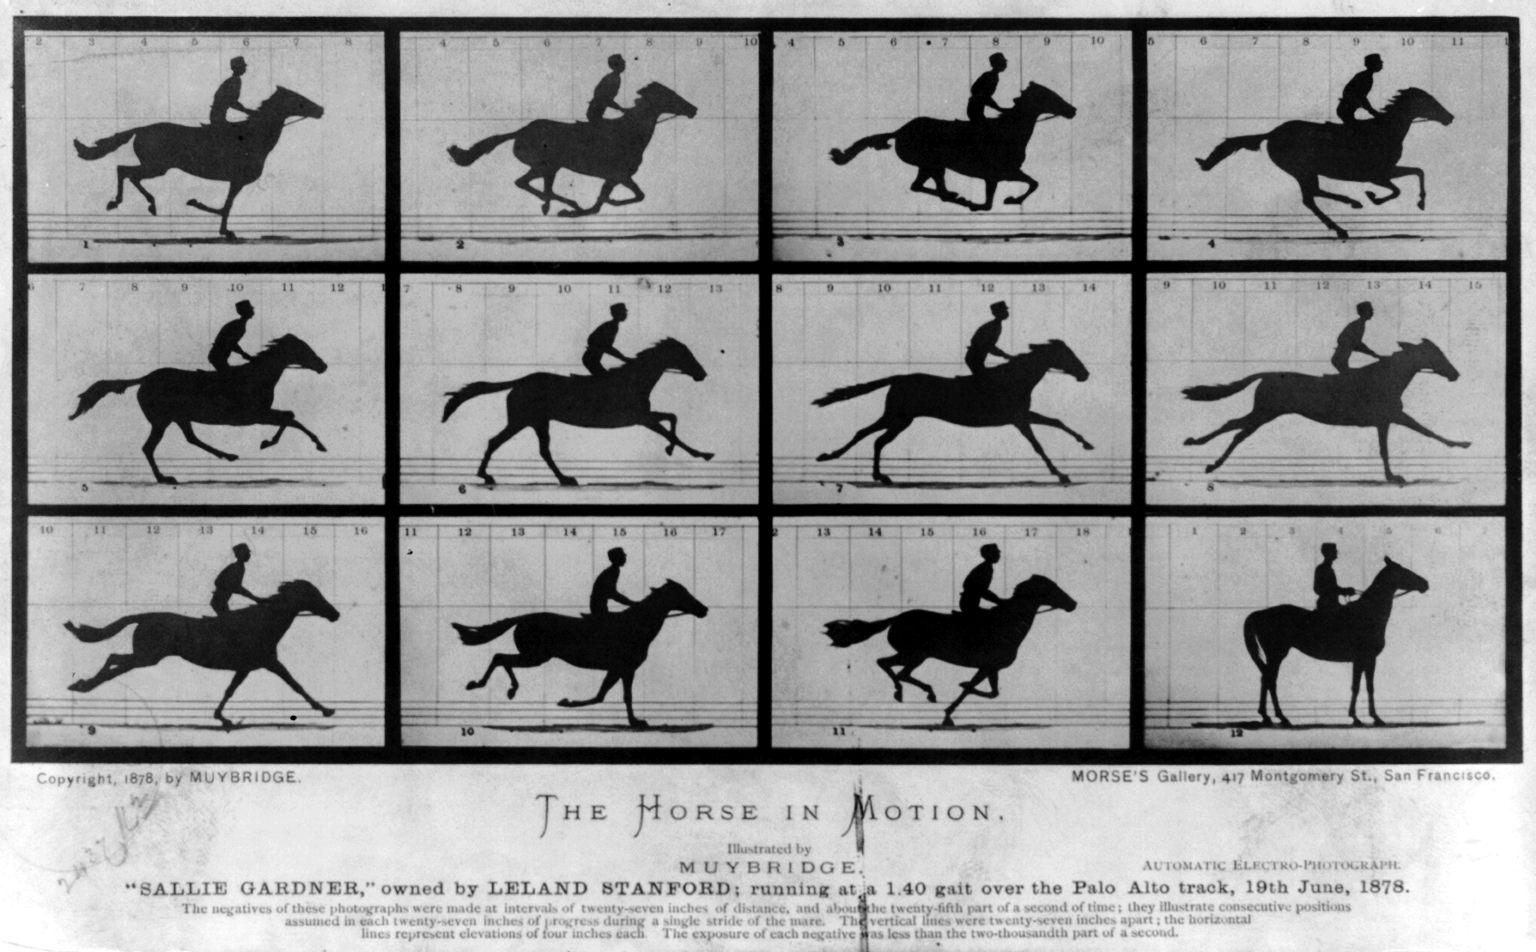 09. Eadweard Muybridge. The Horse in Motion. 1878